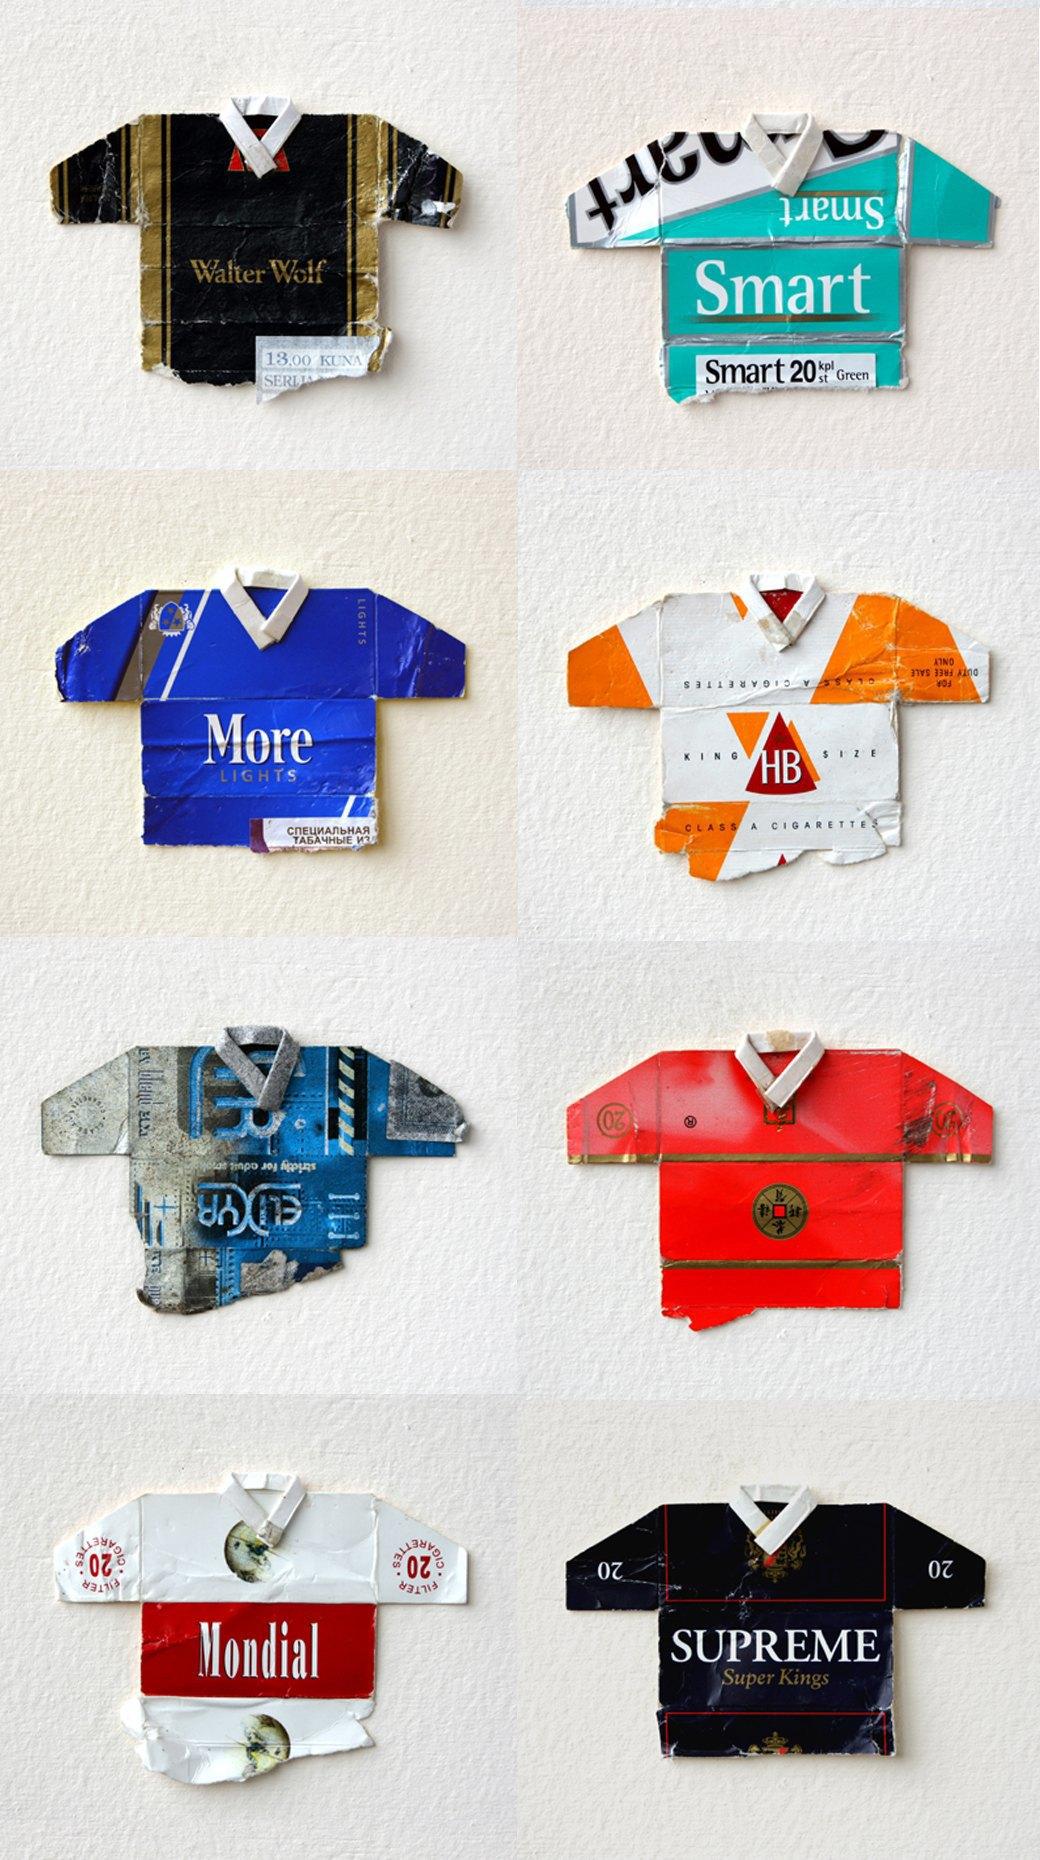 Мини-футболки из сигаретных пачек художника Льва Фицмориса. Изображение № 3.